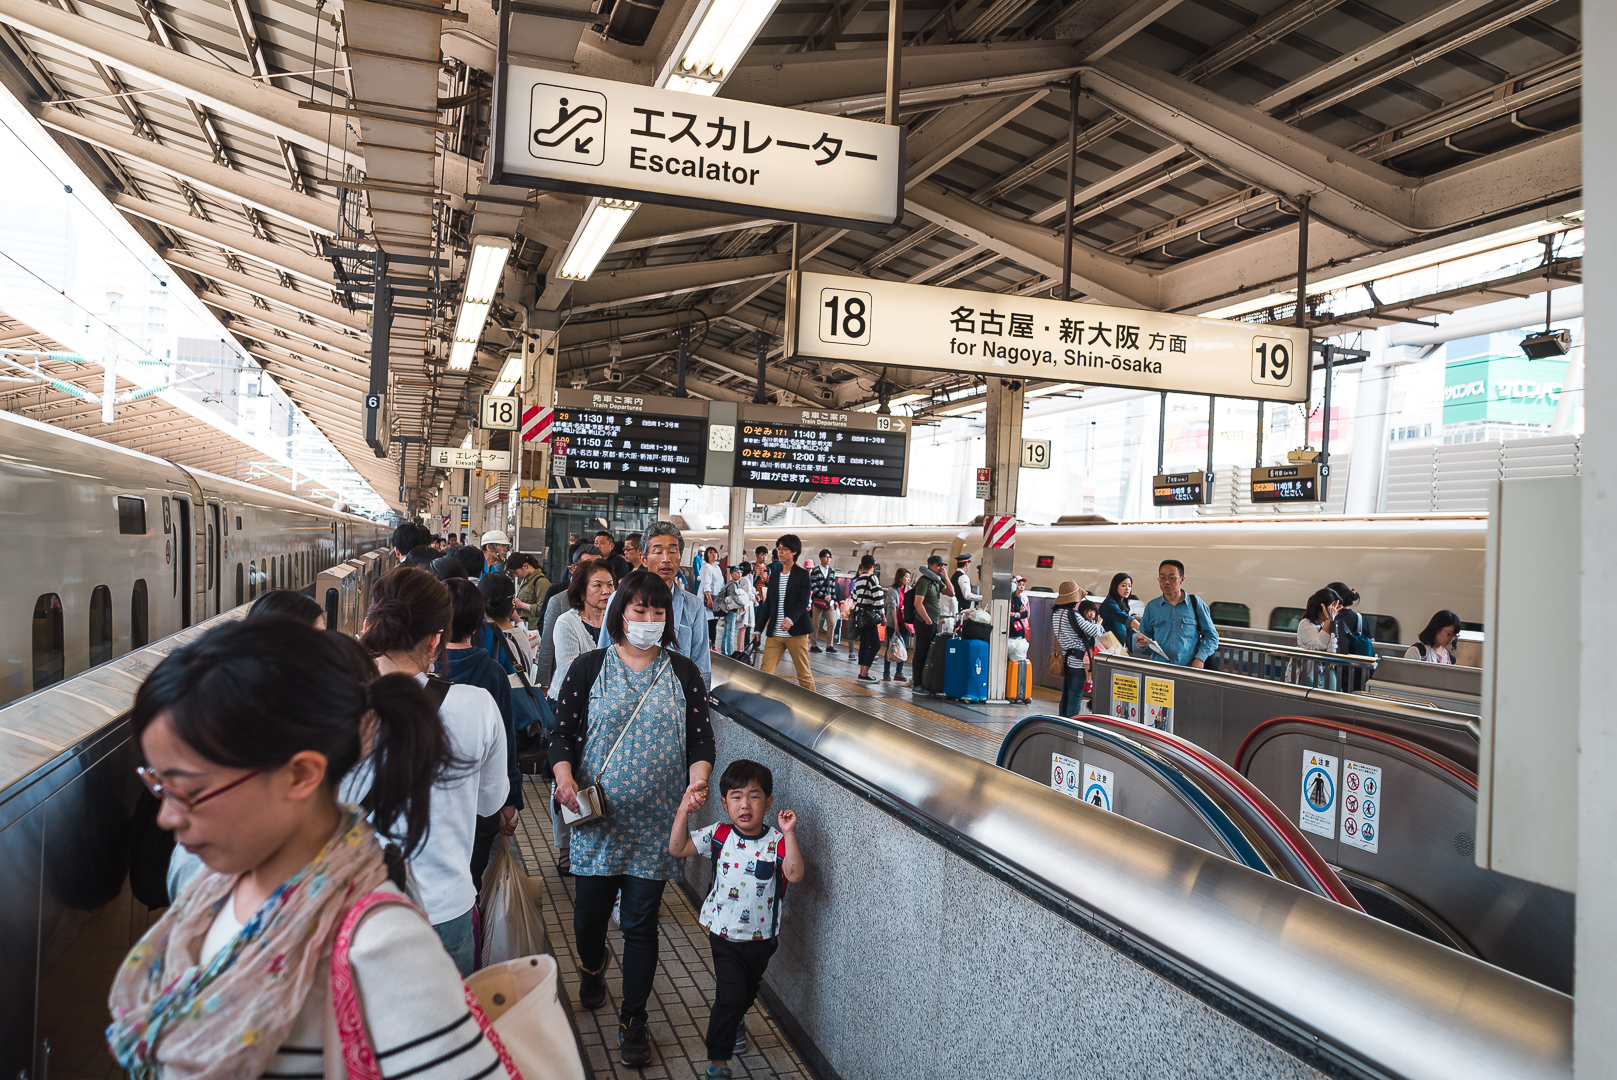 edwardchang-Osaka-1.jpg